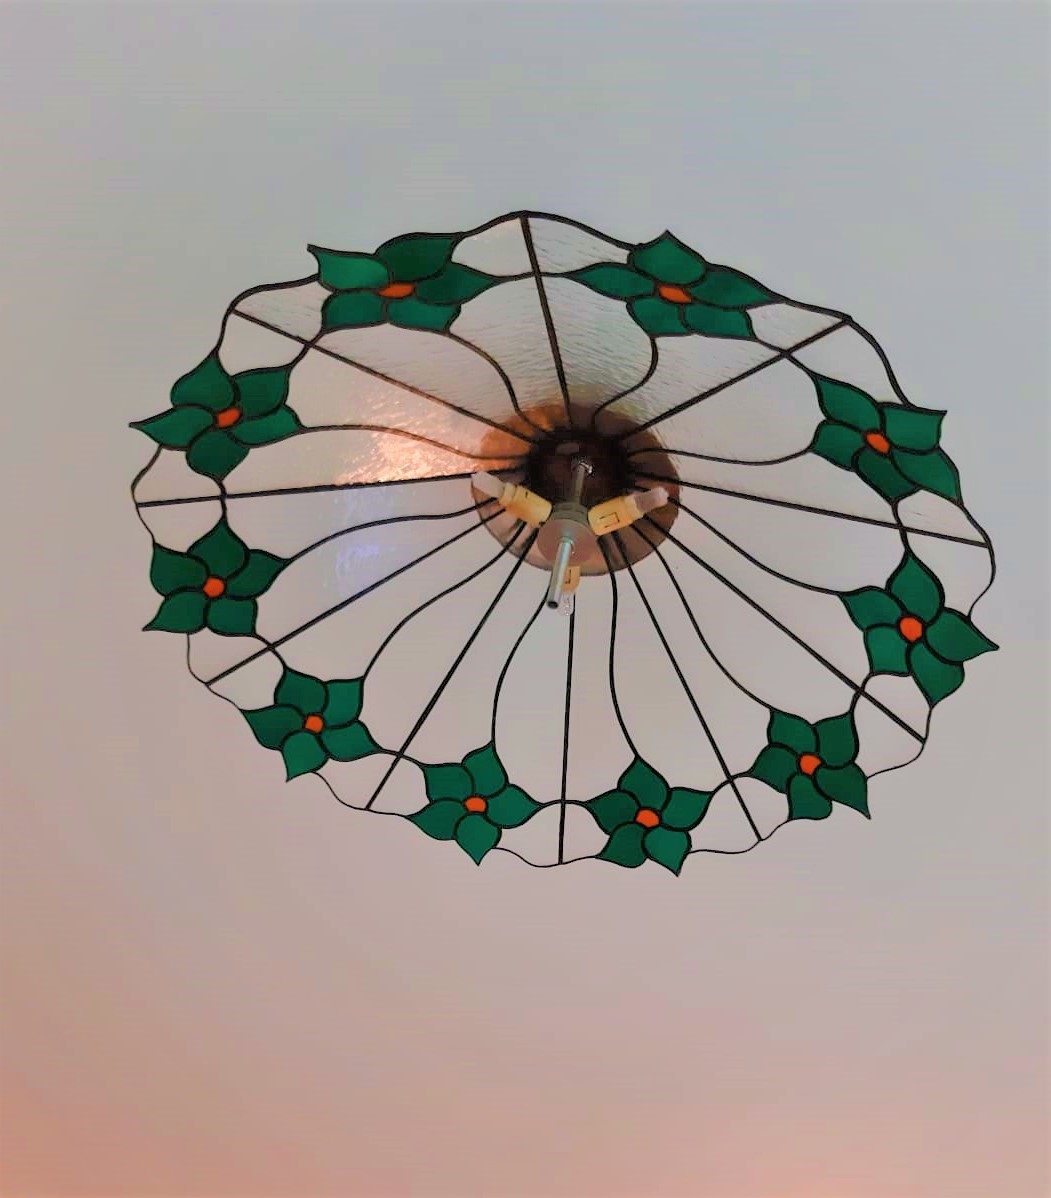 מנורת ויטראז לתקרה, מנורת טיפאני תלוייה עם פרחים ירוקים